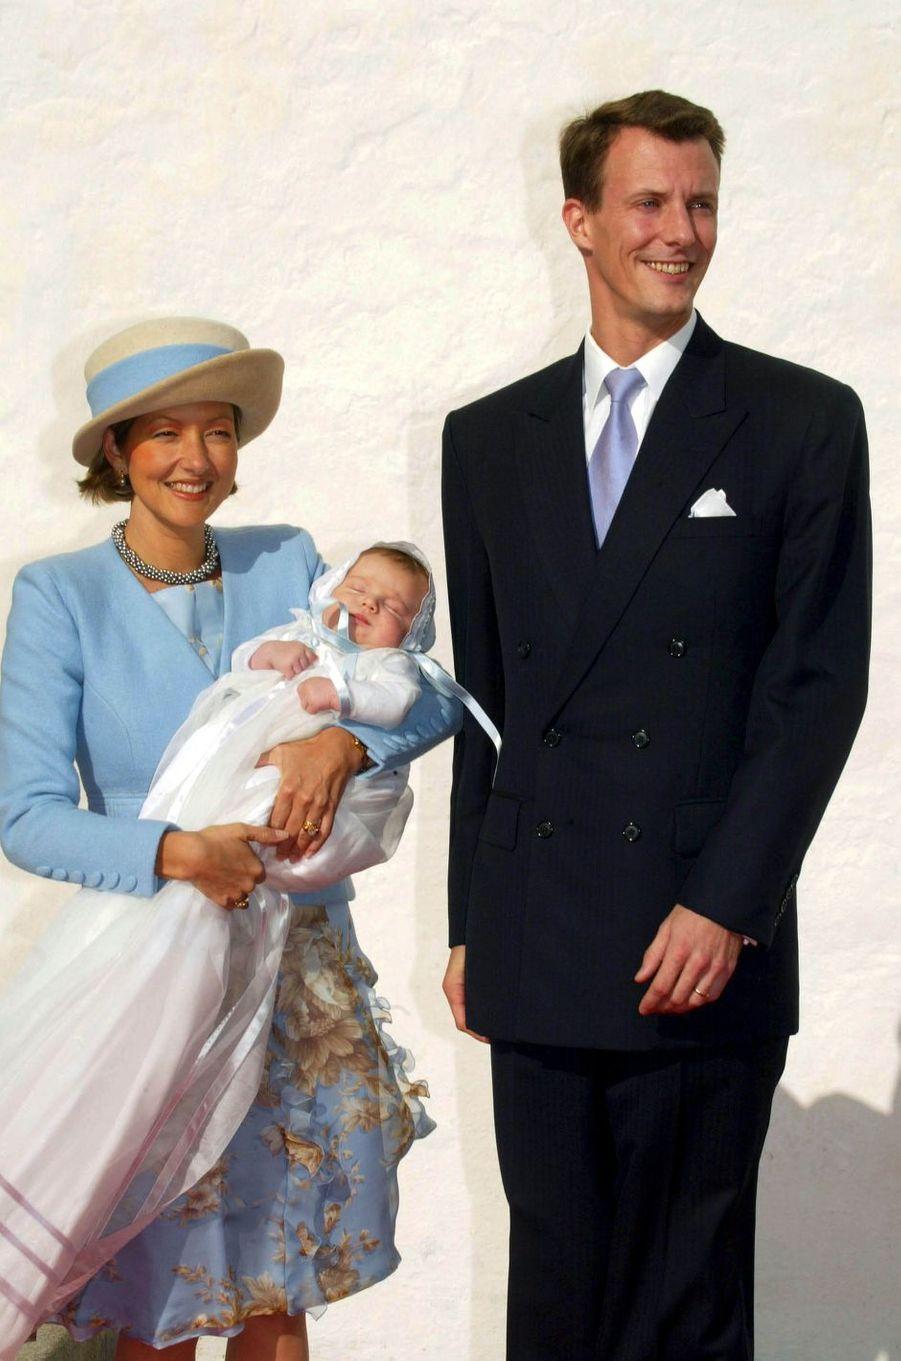 Le prince Félix de Danemark, le 4 octobre 2002, jour de son baptême, avec ses parents le prince Joachim et la princesse Alexandra